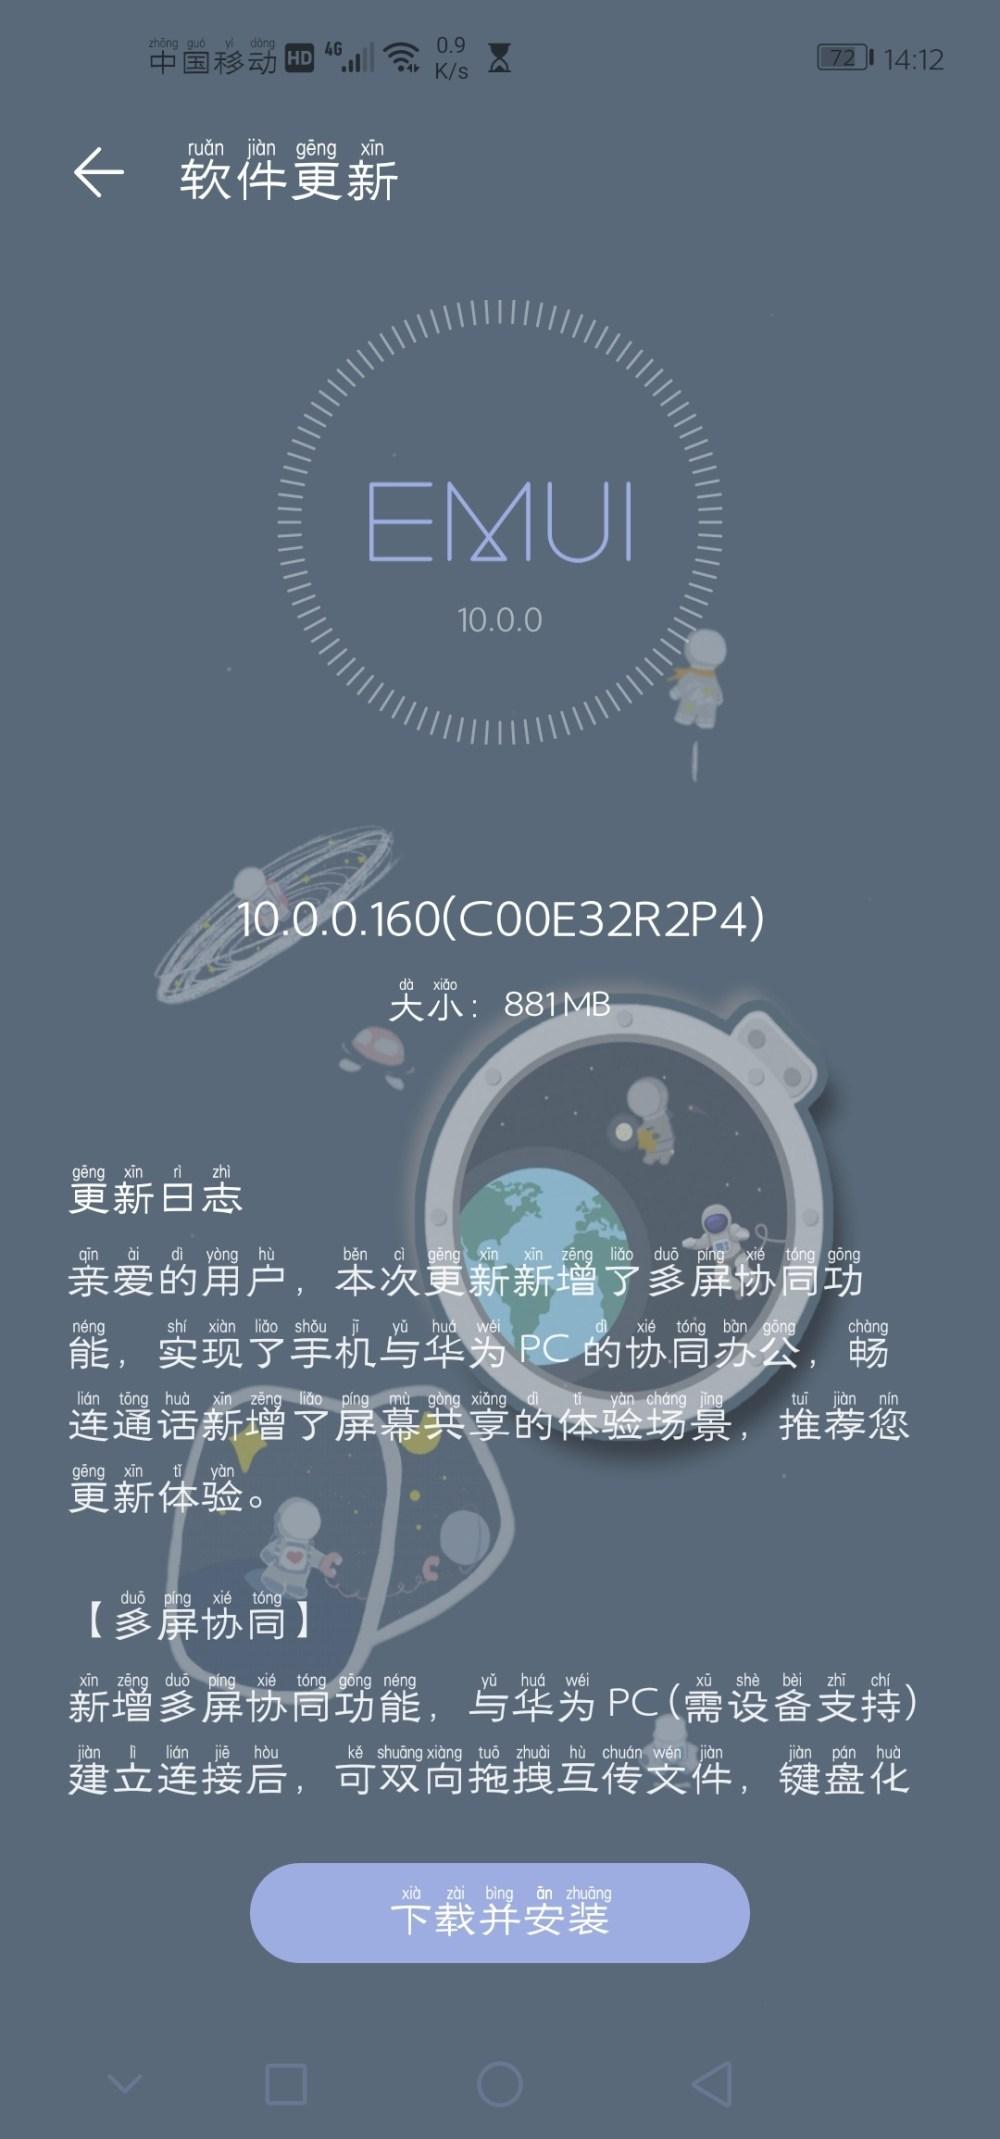 Huawei nova 4 EMUI 10.0.0.160